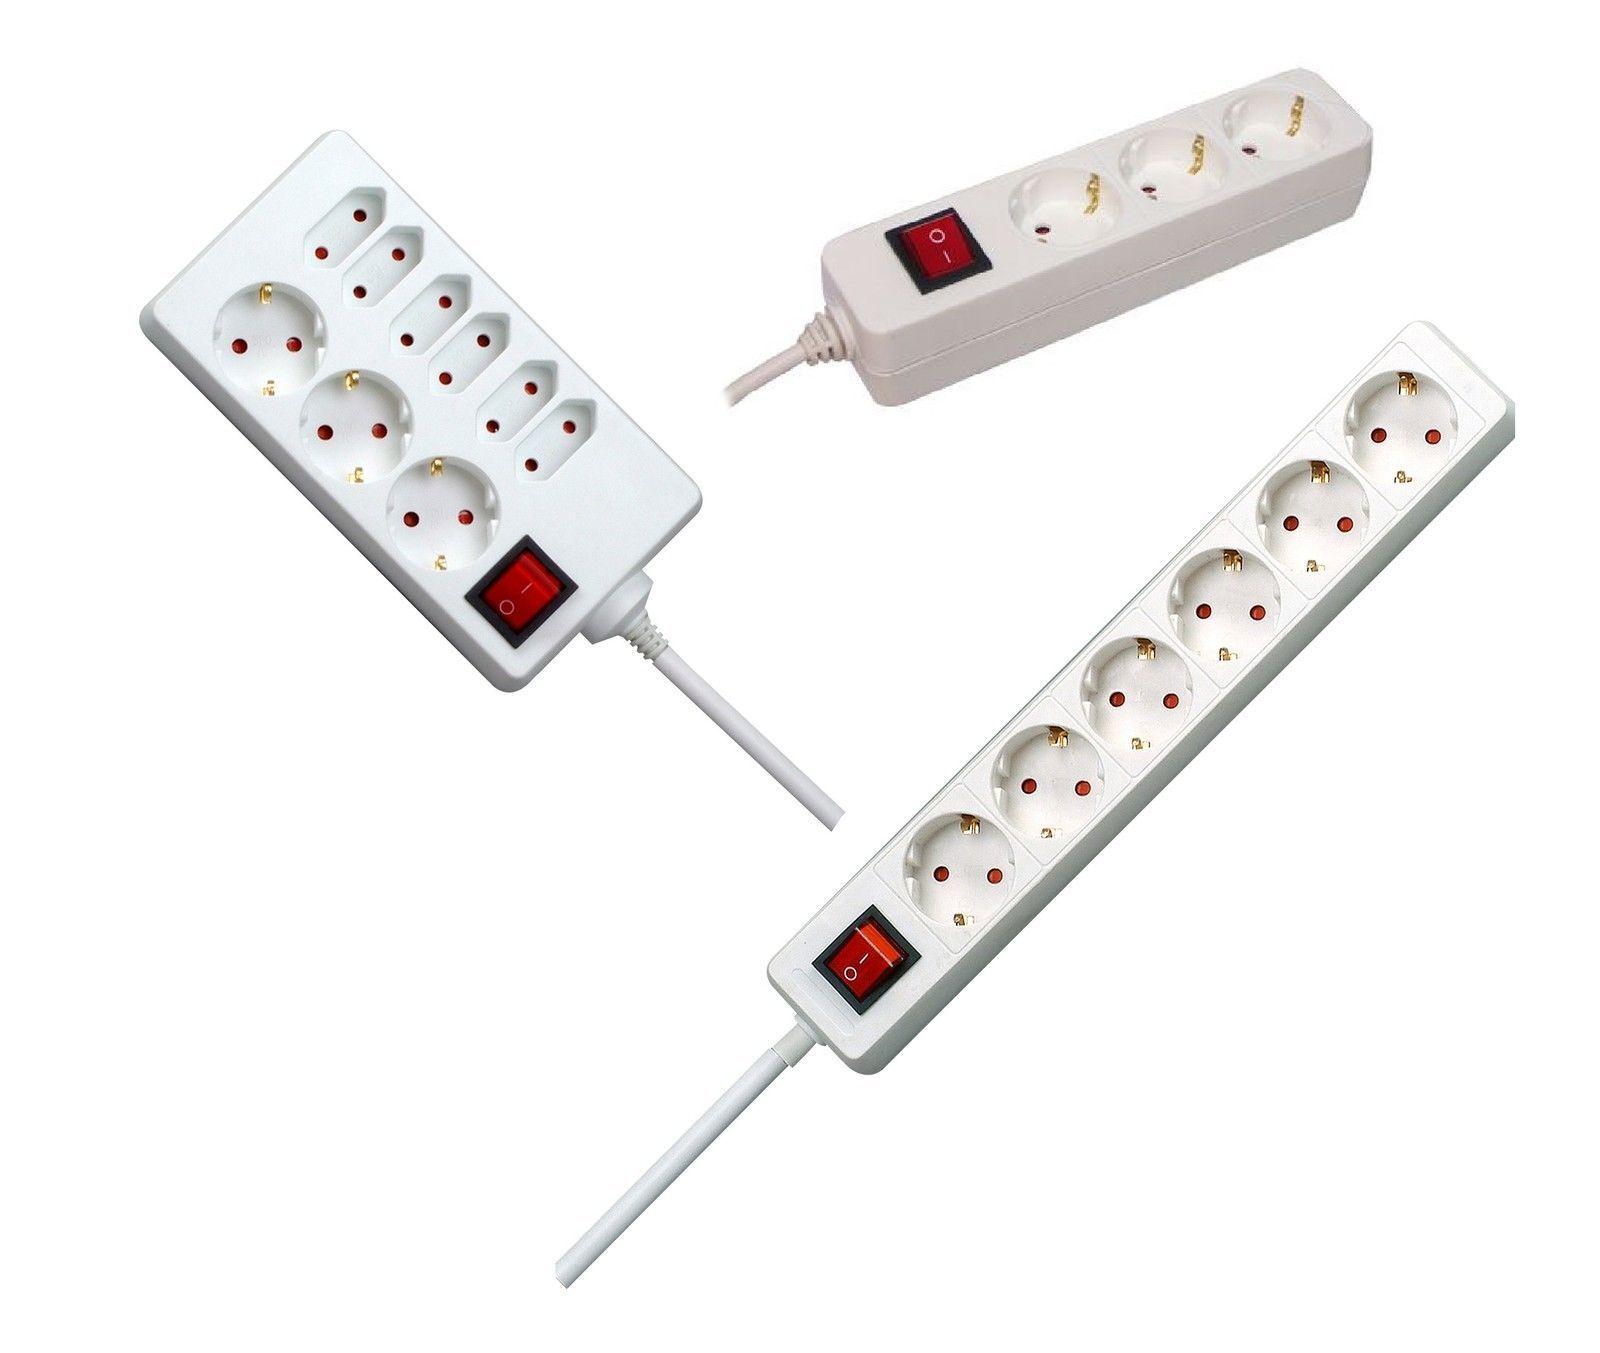 Steckdosenleiste 3 / 6 / 8 Fach Steckdose 1,4m Kabel Kinderschutz Schalter USB